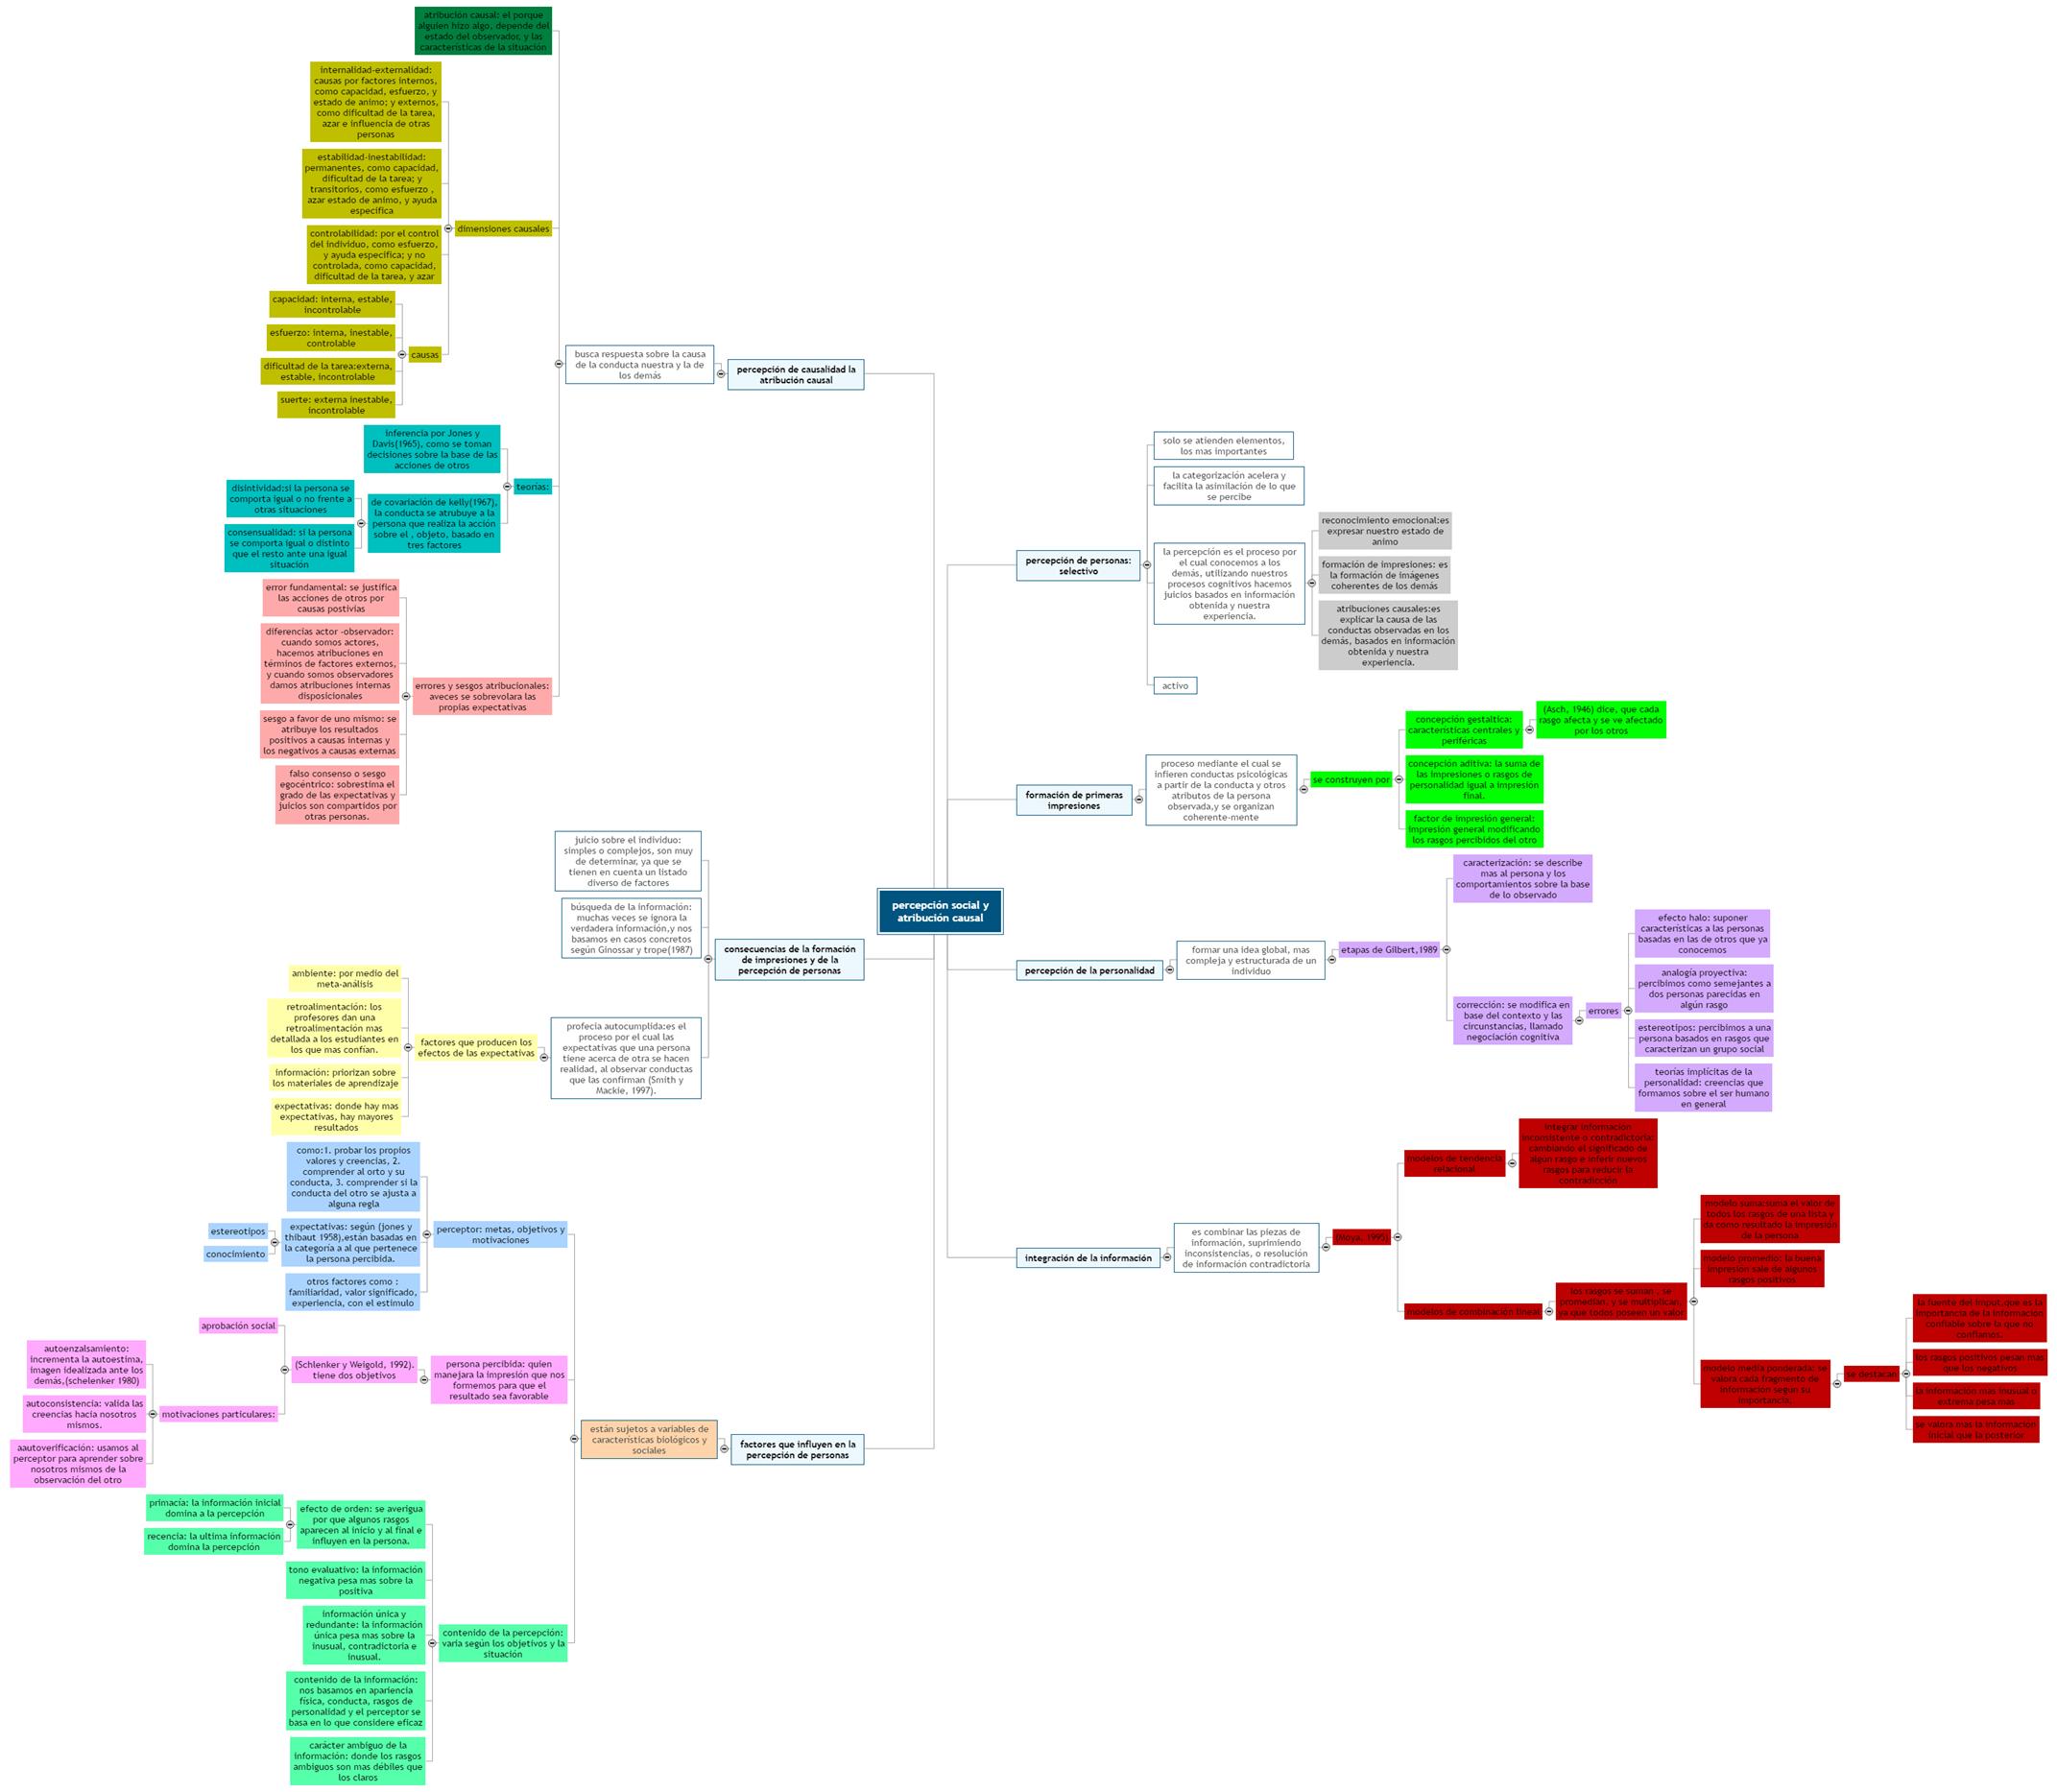 percepción social y atribución causal Mind Map